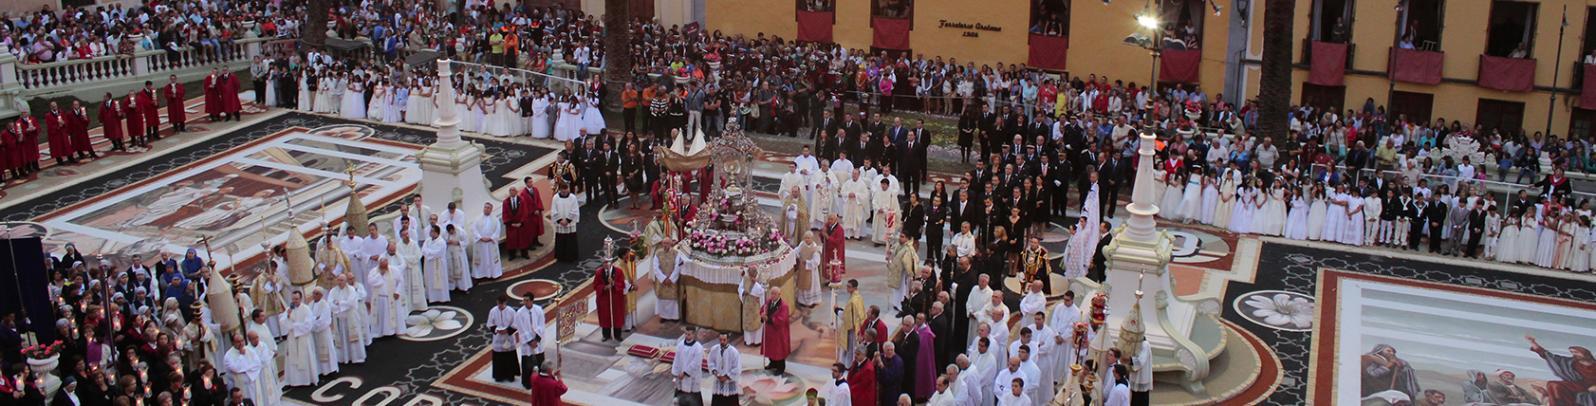 Eventos y Tradiciones